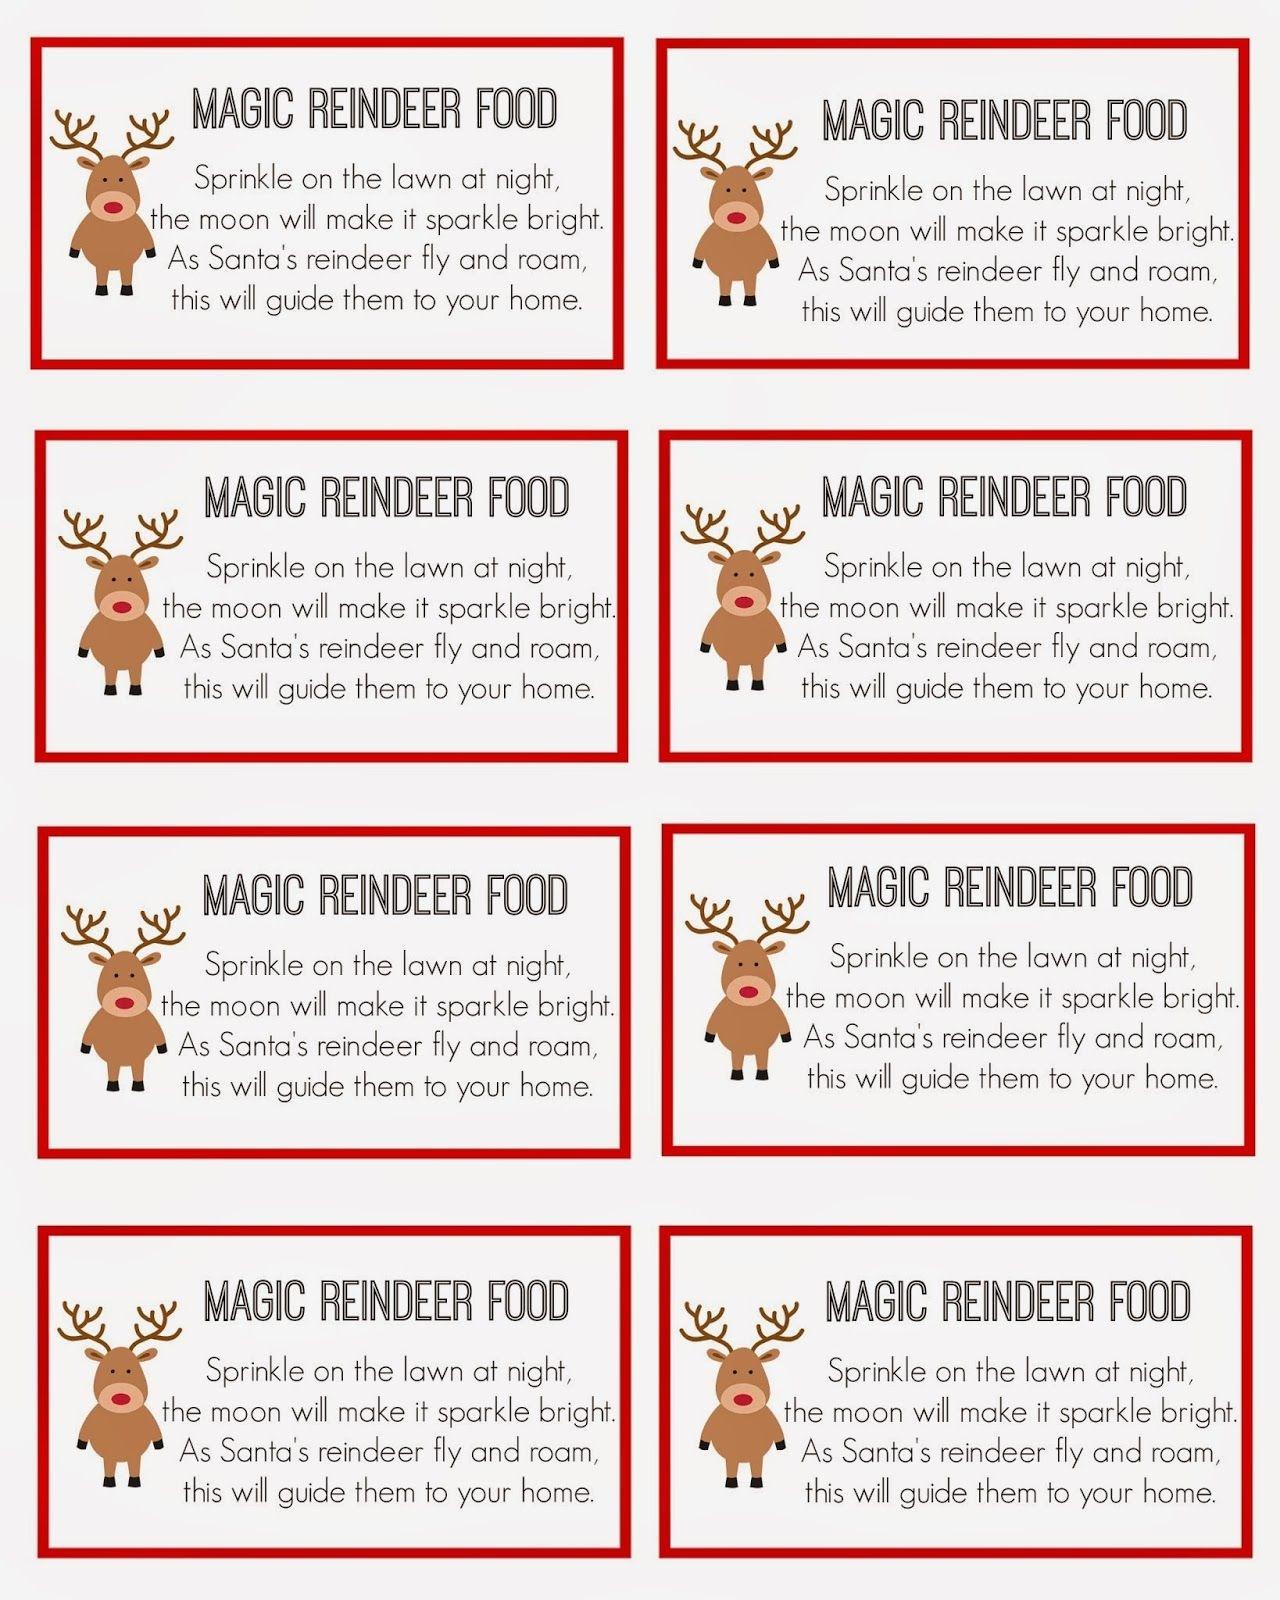 Magic Reindeer Food | Christmas | Reindeer Food, Magic Reindeer Food - Free Printable Reindeer Dust Poem